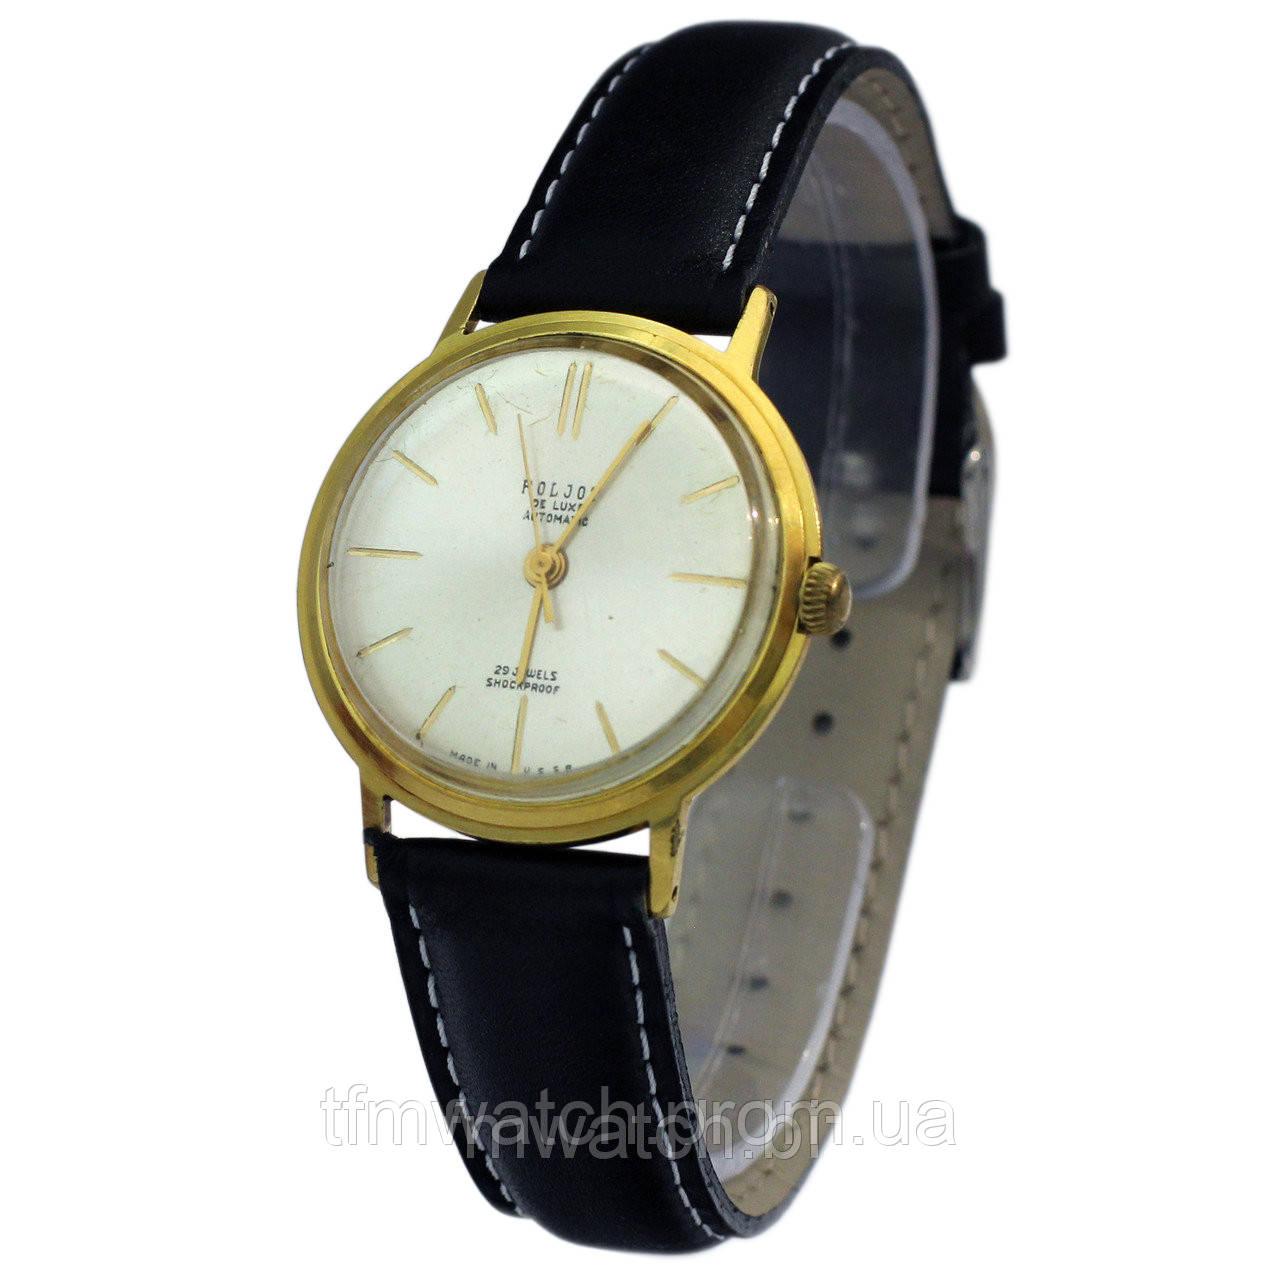 Полет цена часы продать за стоимость успеть 24 часа